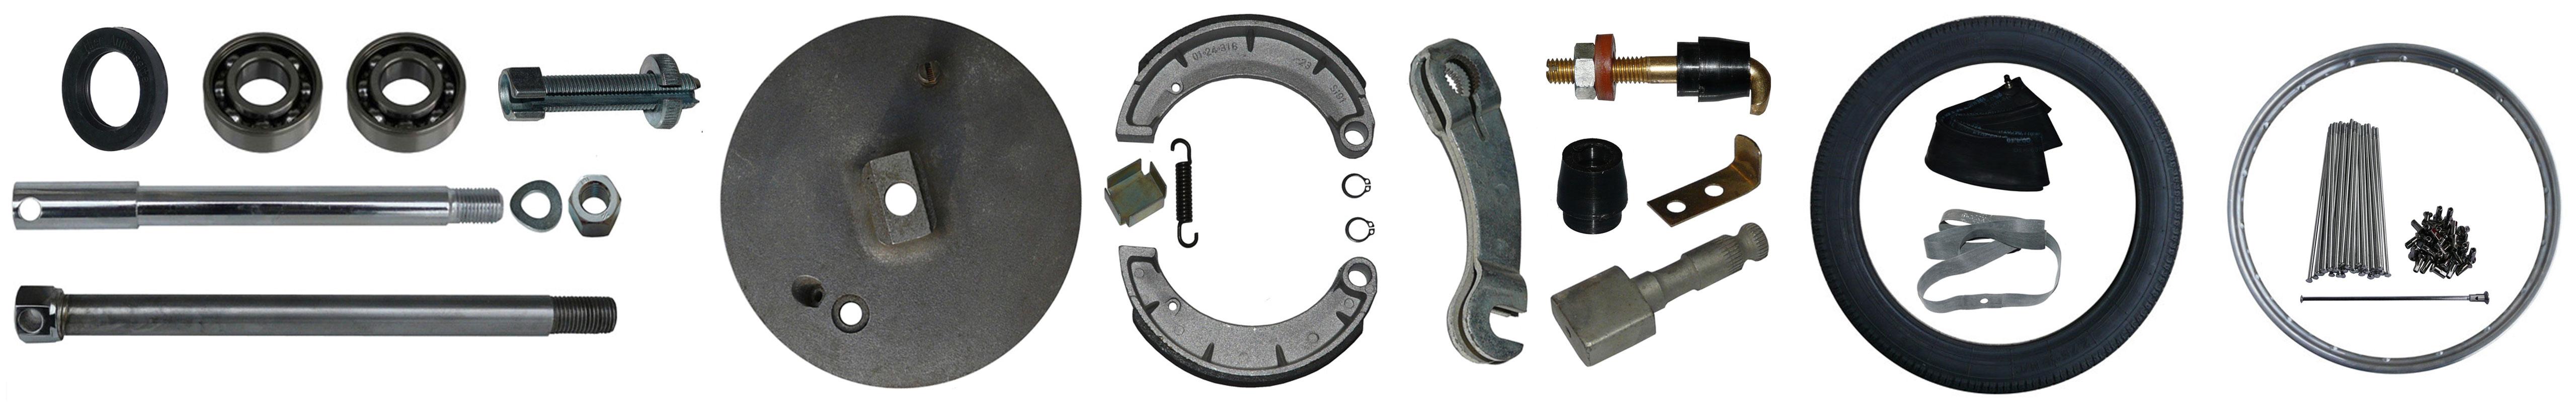 MZ RT 125 Ersatzteile Räder Bremse Vollnabe